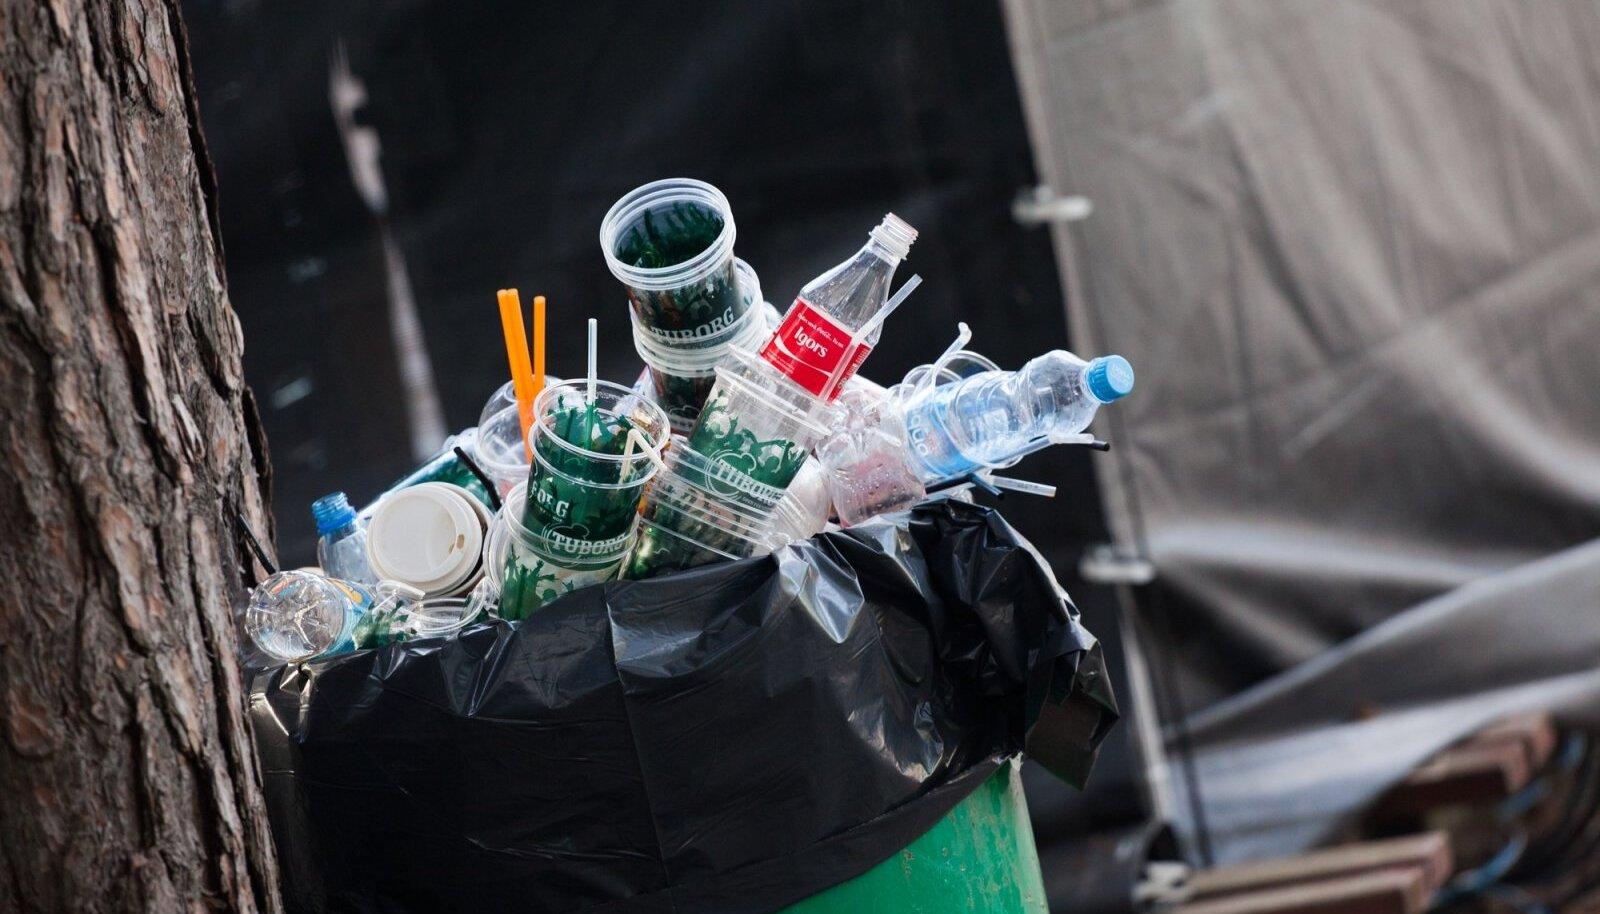 Plastist ühekorratopsid ja muu plastprügi Positivuse festivalil Lätis. Hiljemalt kahe aasta pärast ei tohi enam avalikel üritustel ühekorranõusid olla.